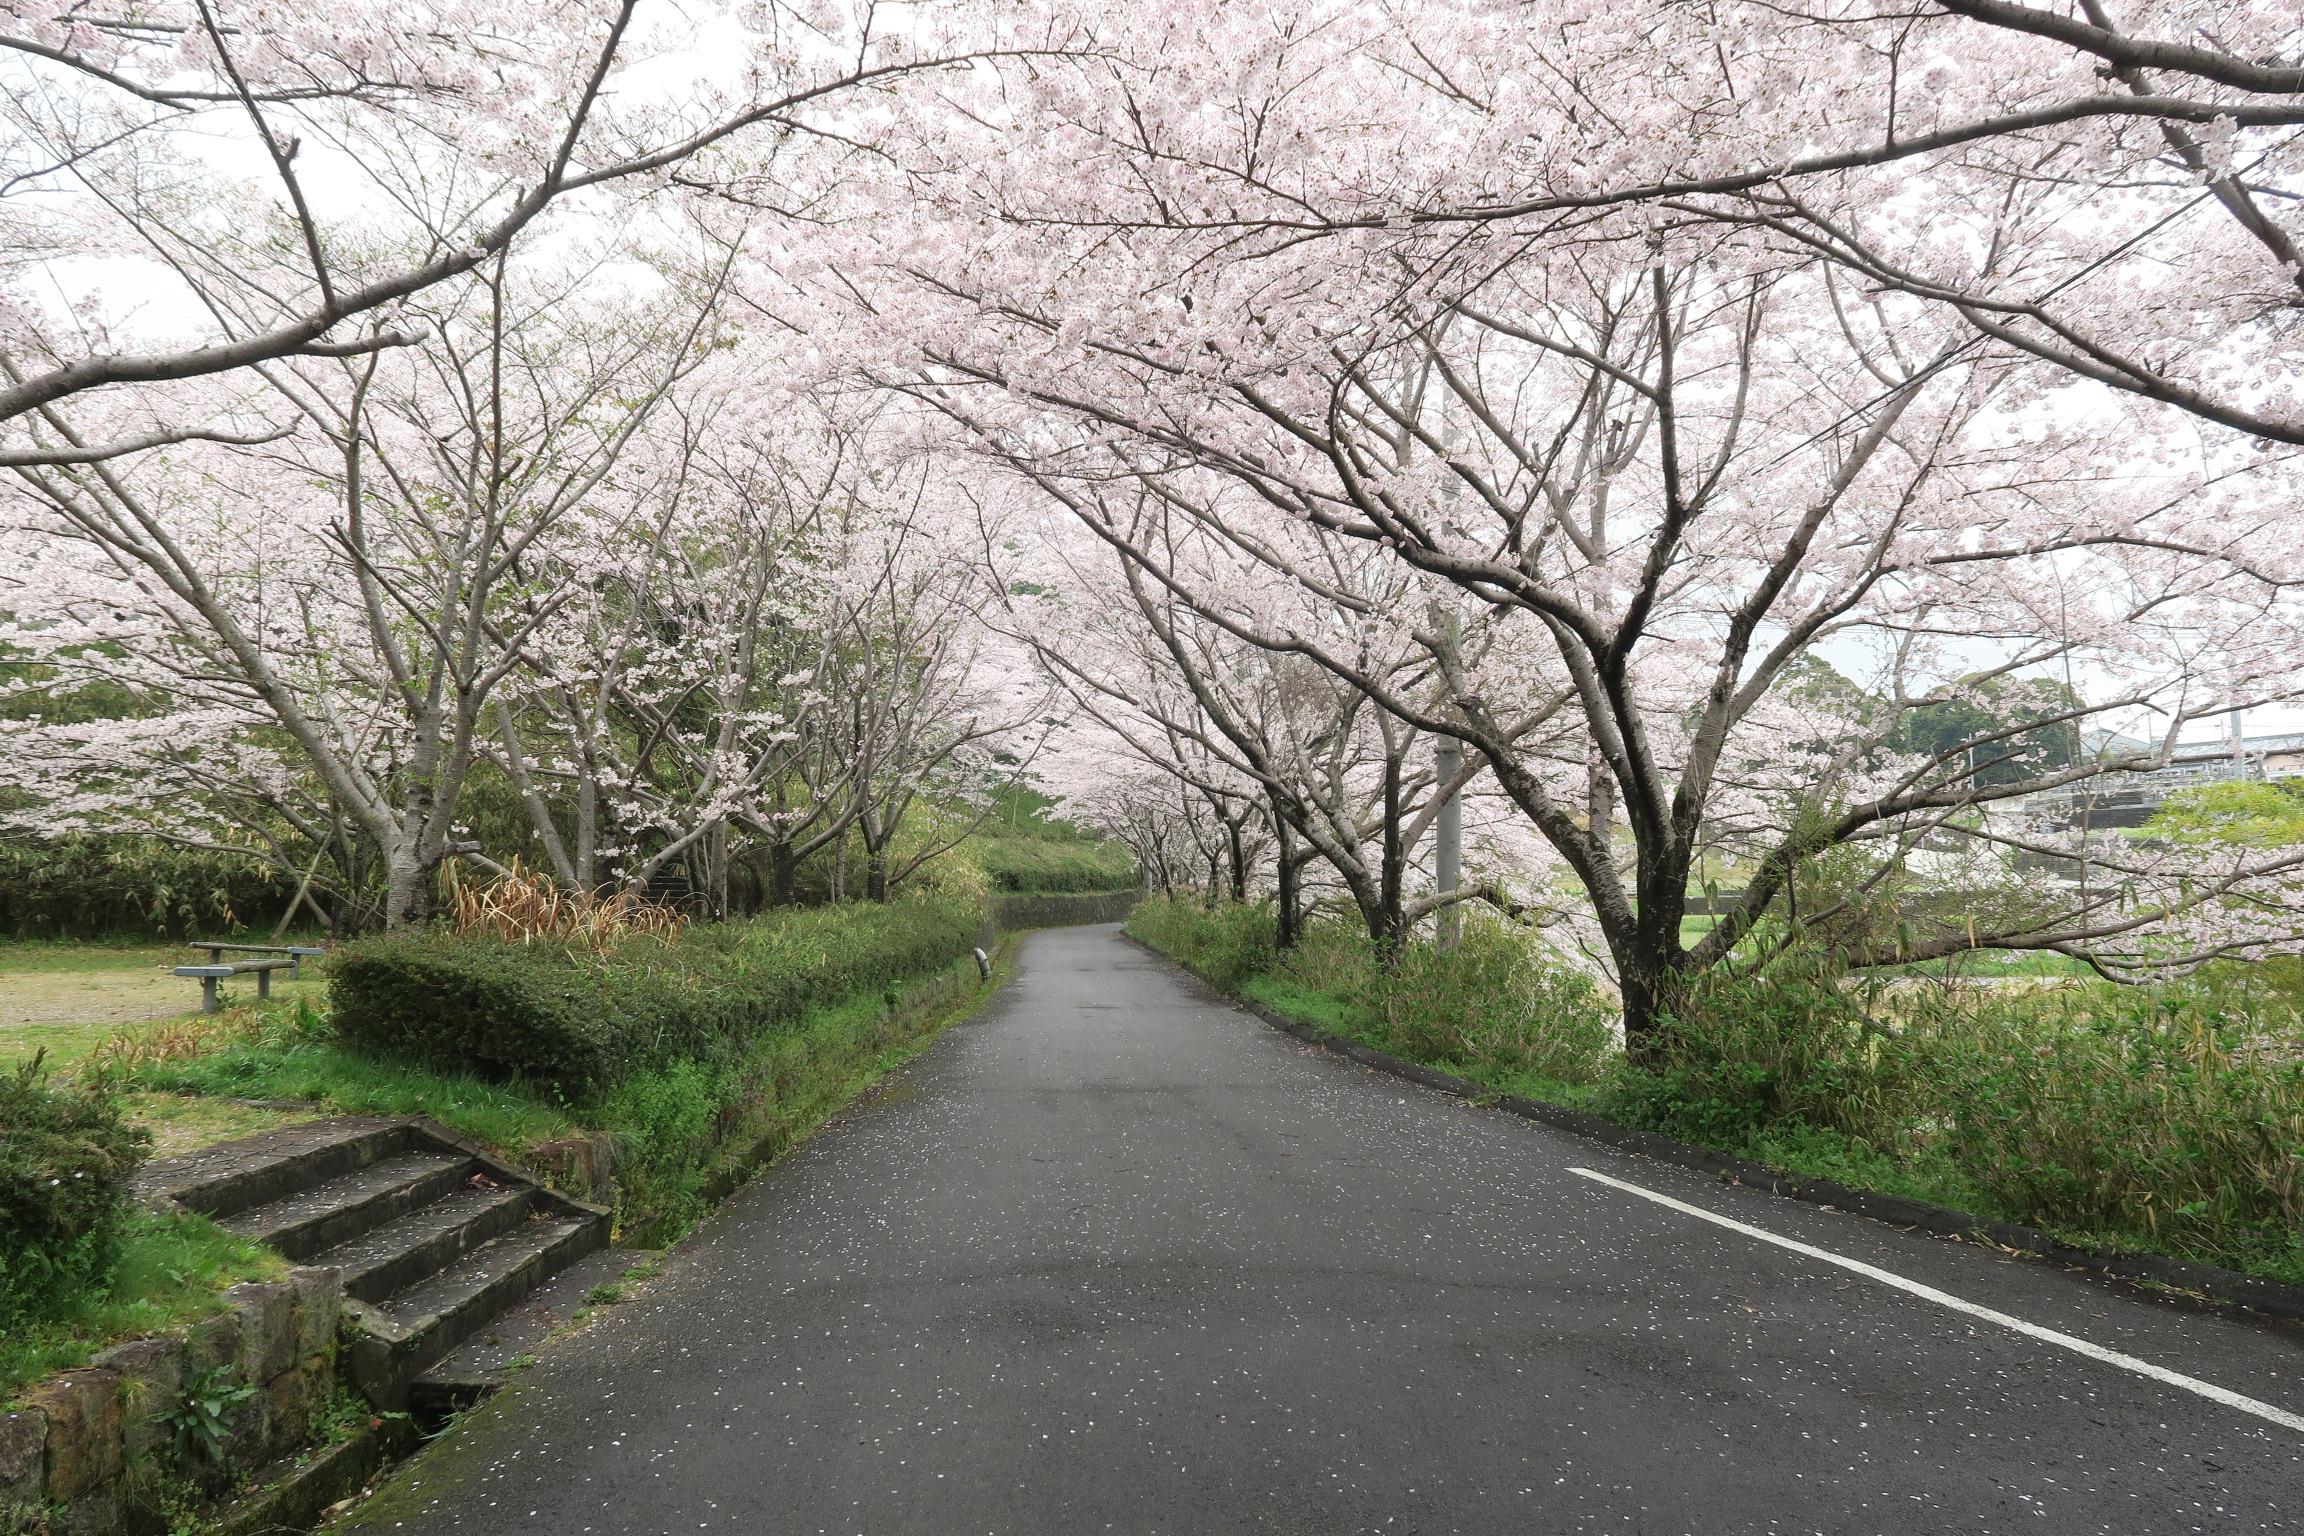 奈良県當麻健民運動場の横の道には桜が植えられ、美しい桜トンネルが楽しめます。